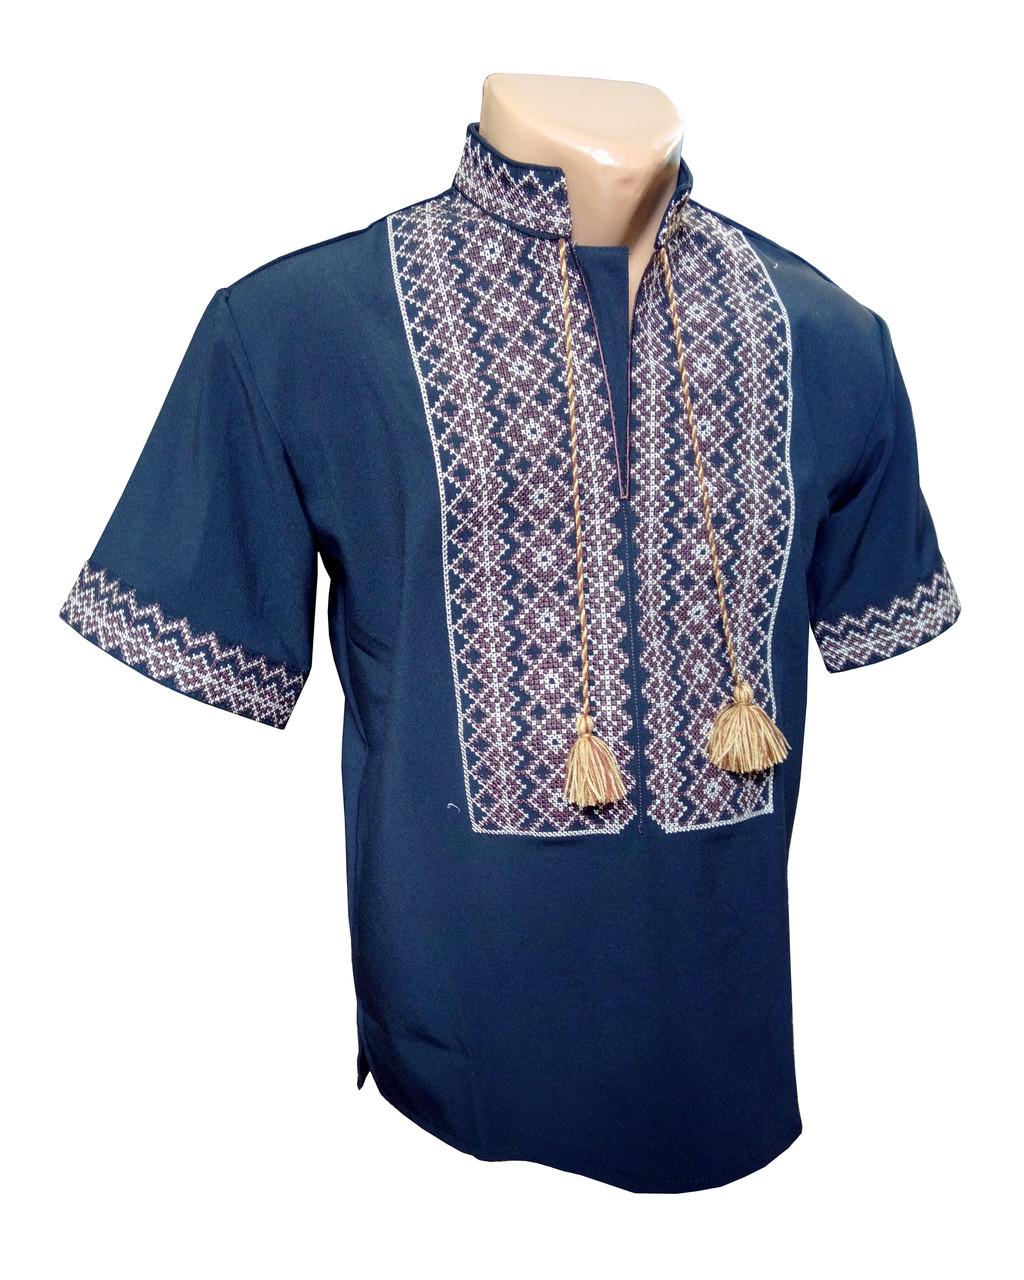 Мужская Рубашка Вышиванка с коротким рукавом Черная р. 42 - 56